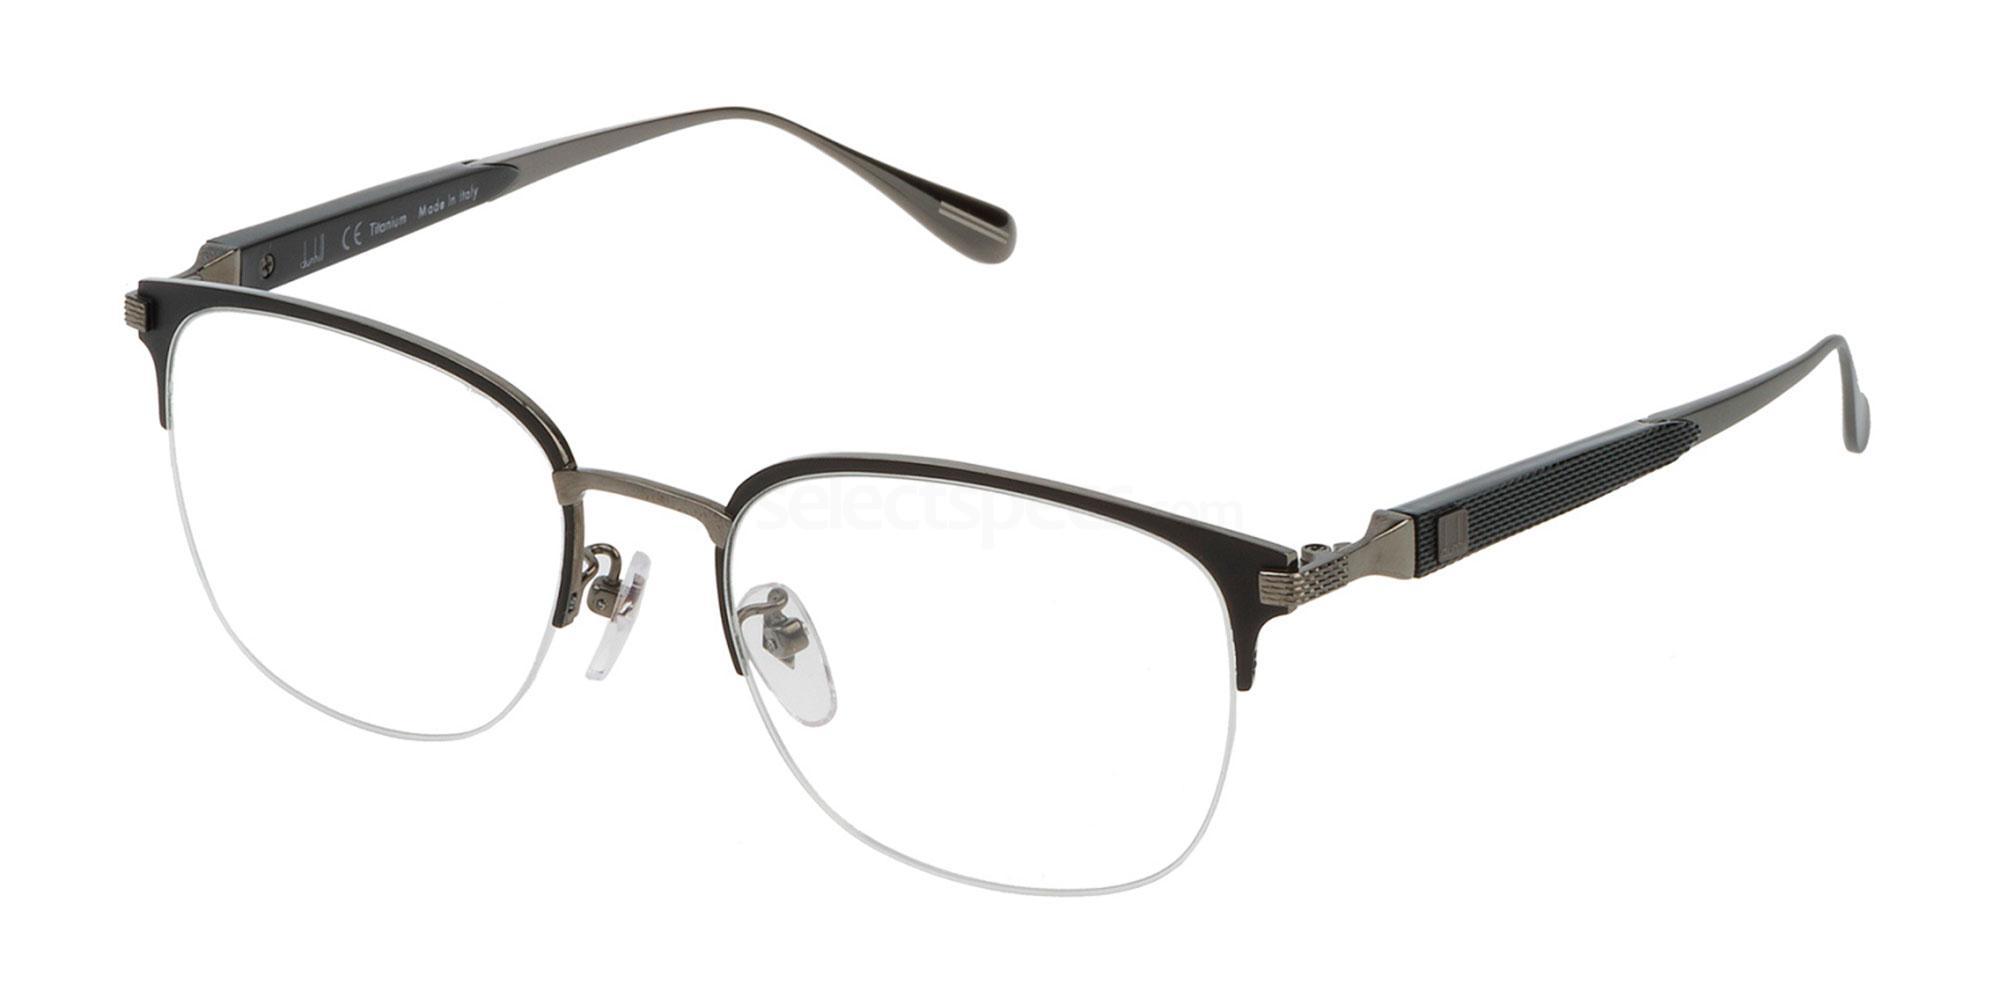 0508 VDH113M Glasses, Dunhill London